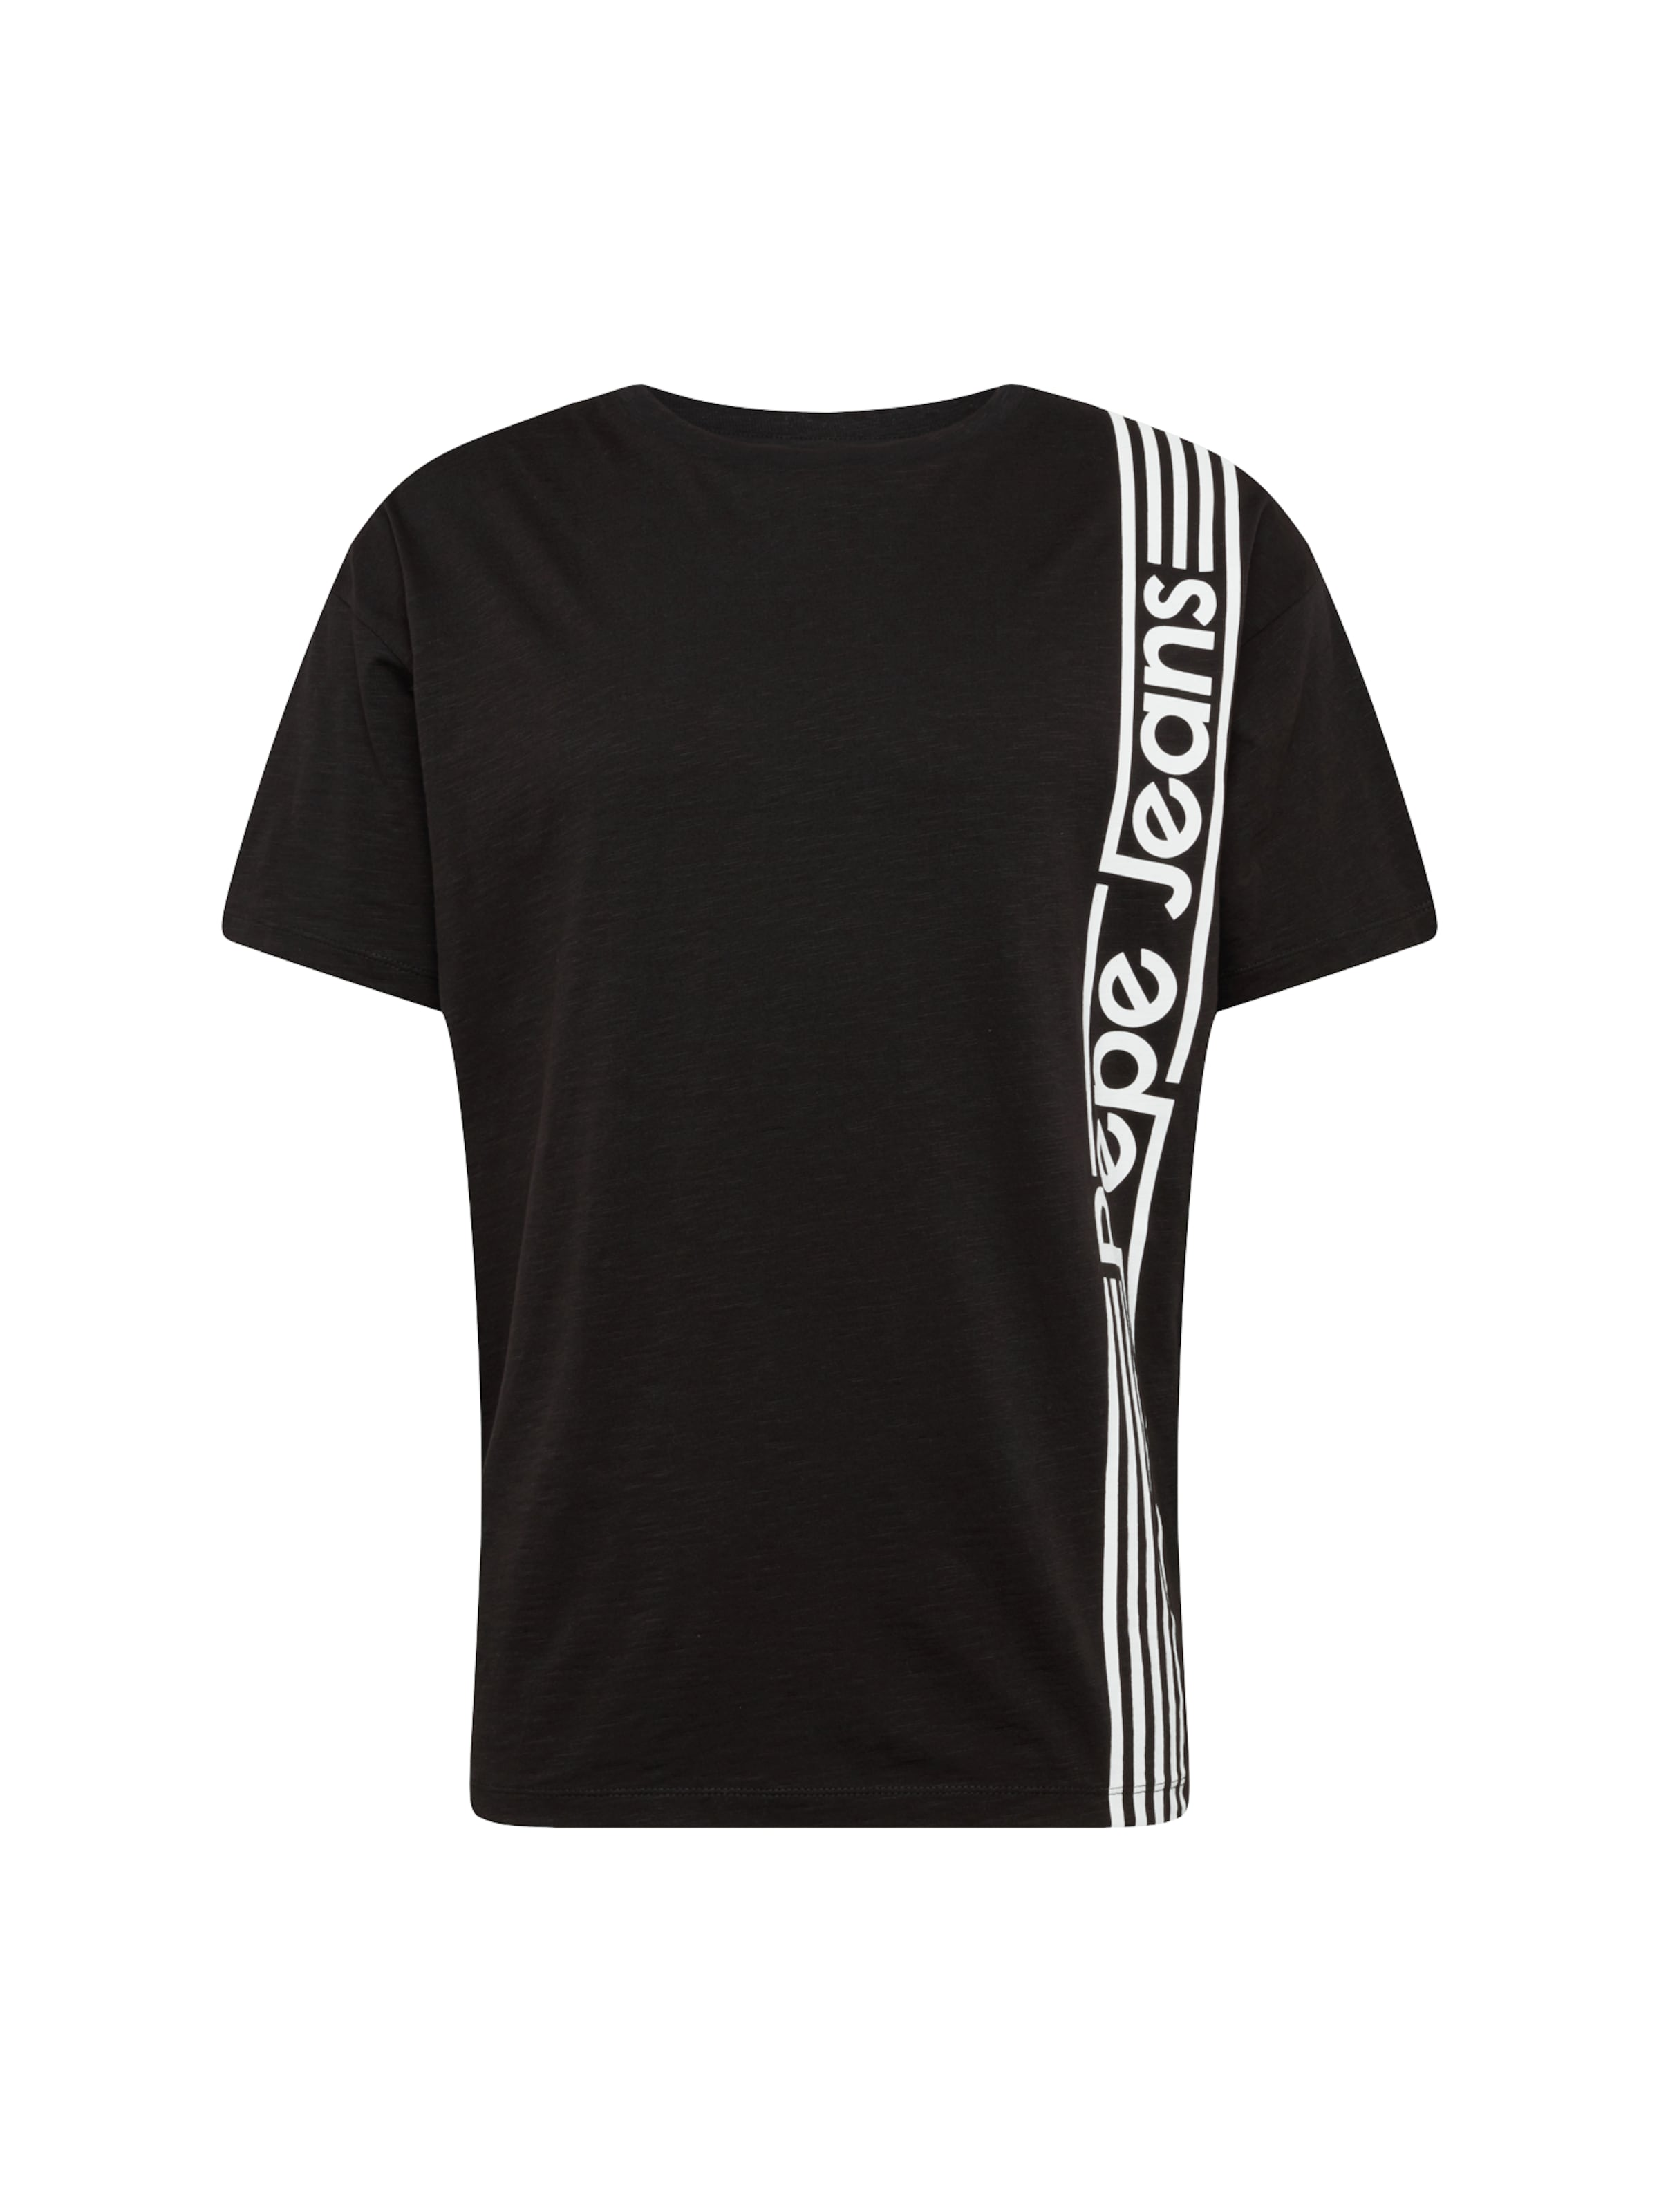 Pepe SchwarzWeiß In Jeans Shirt 'durham' 3TF1clKJ